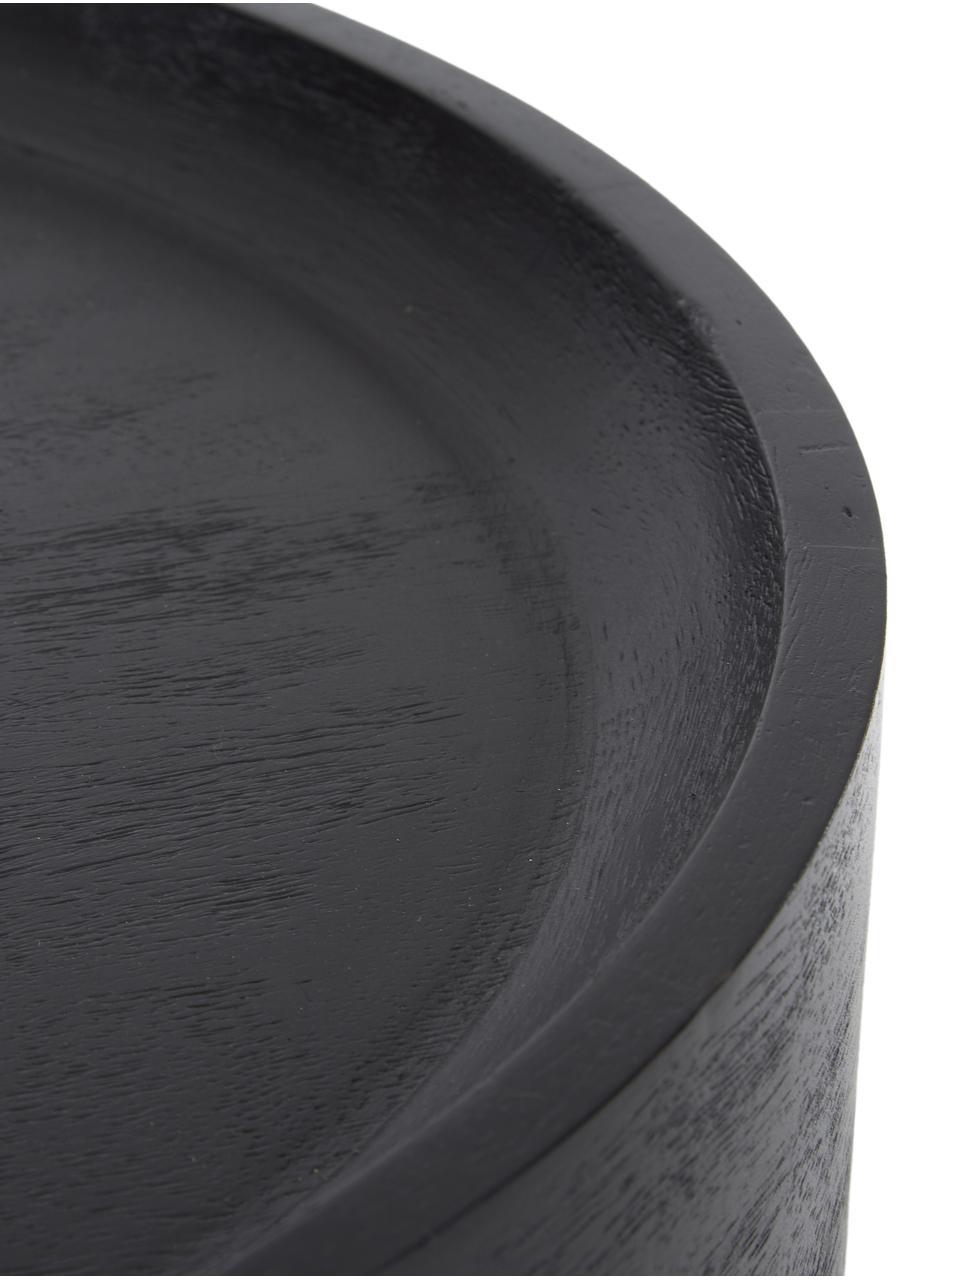 Table d'appoint en bois de manguier Benno, Bois de manguier, noir laqué